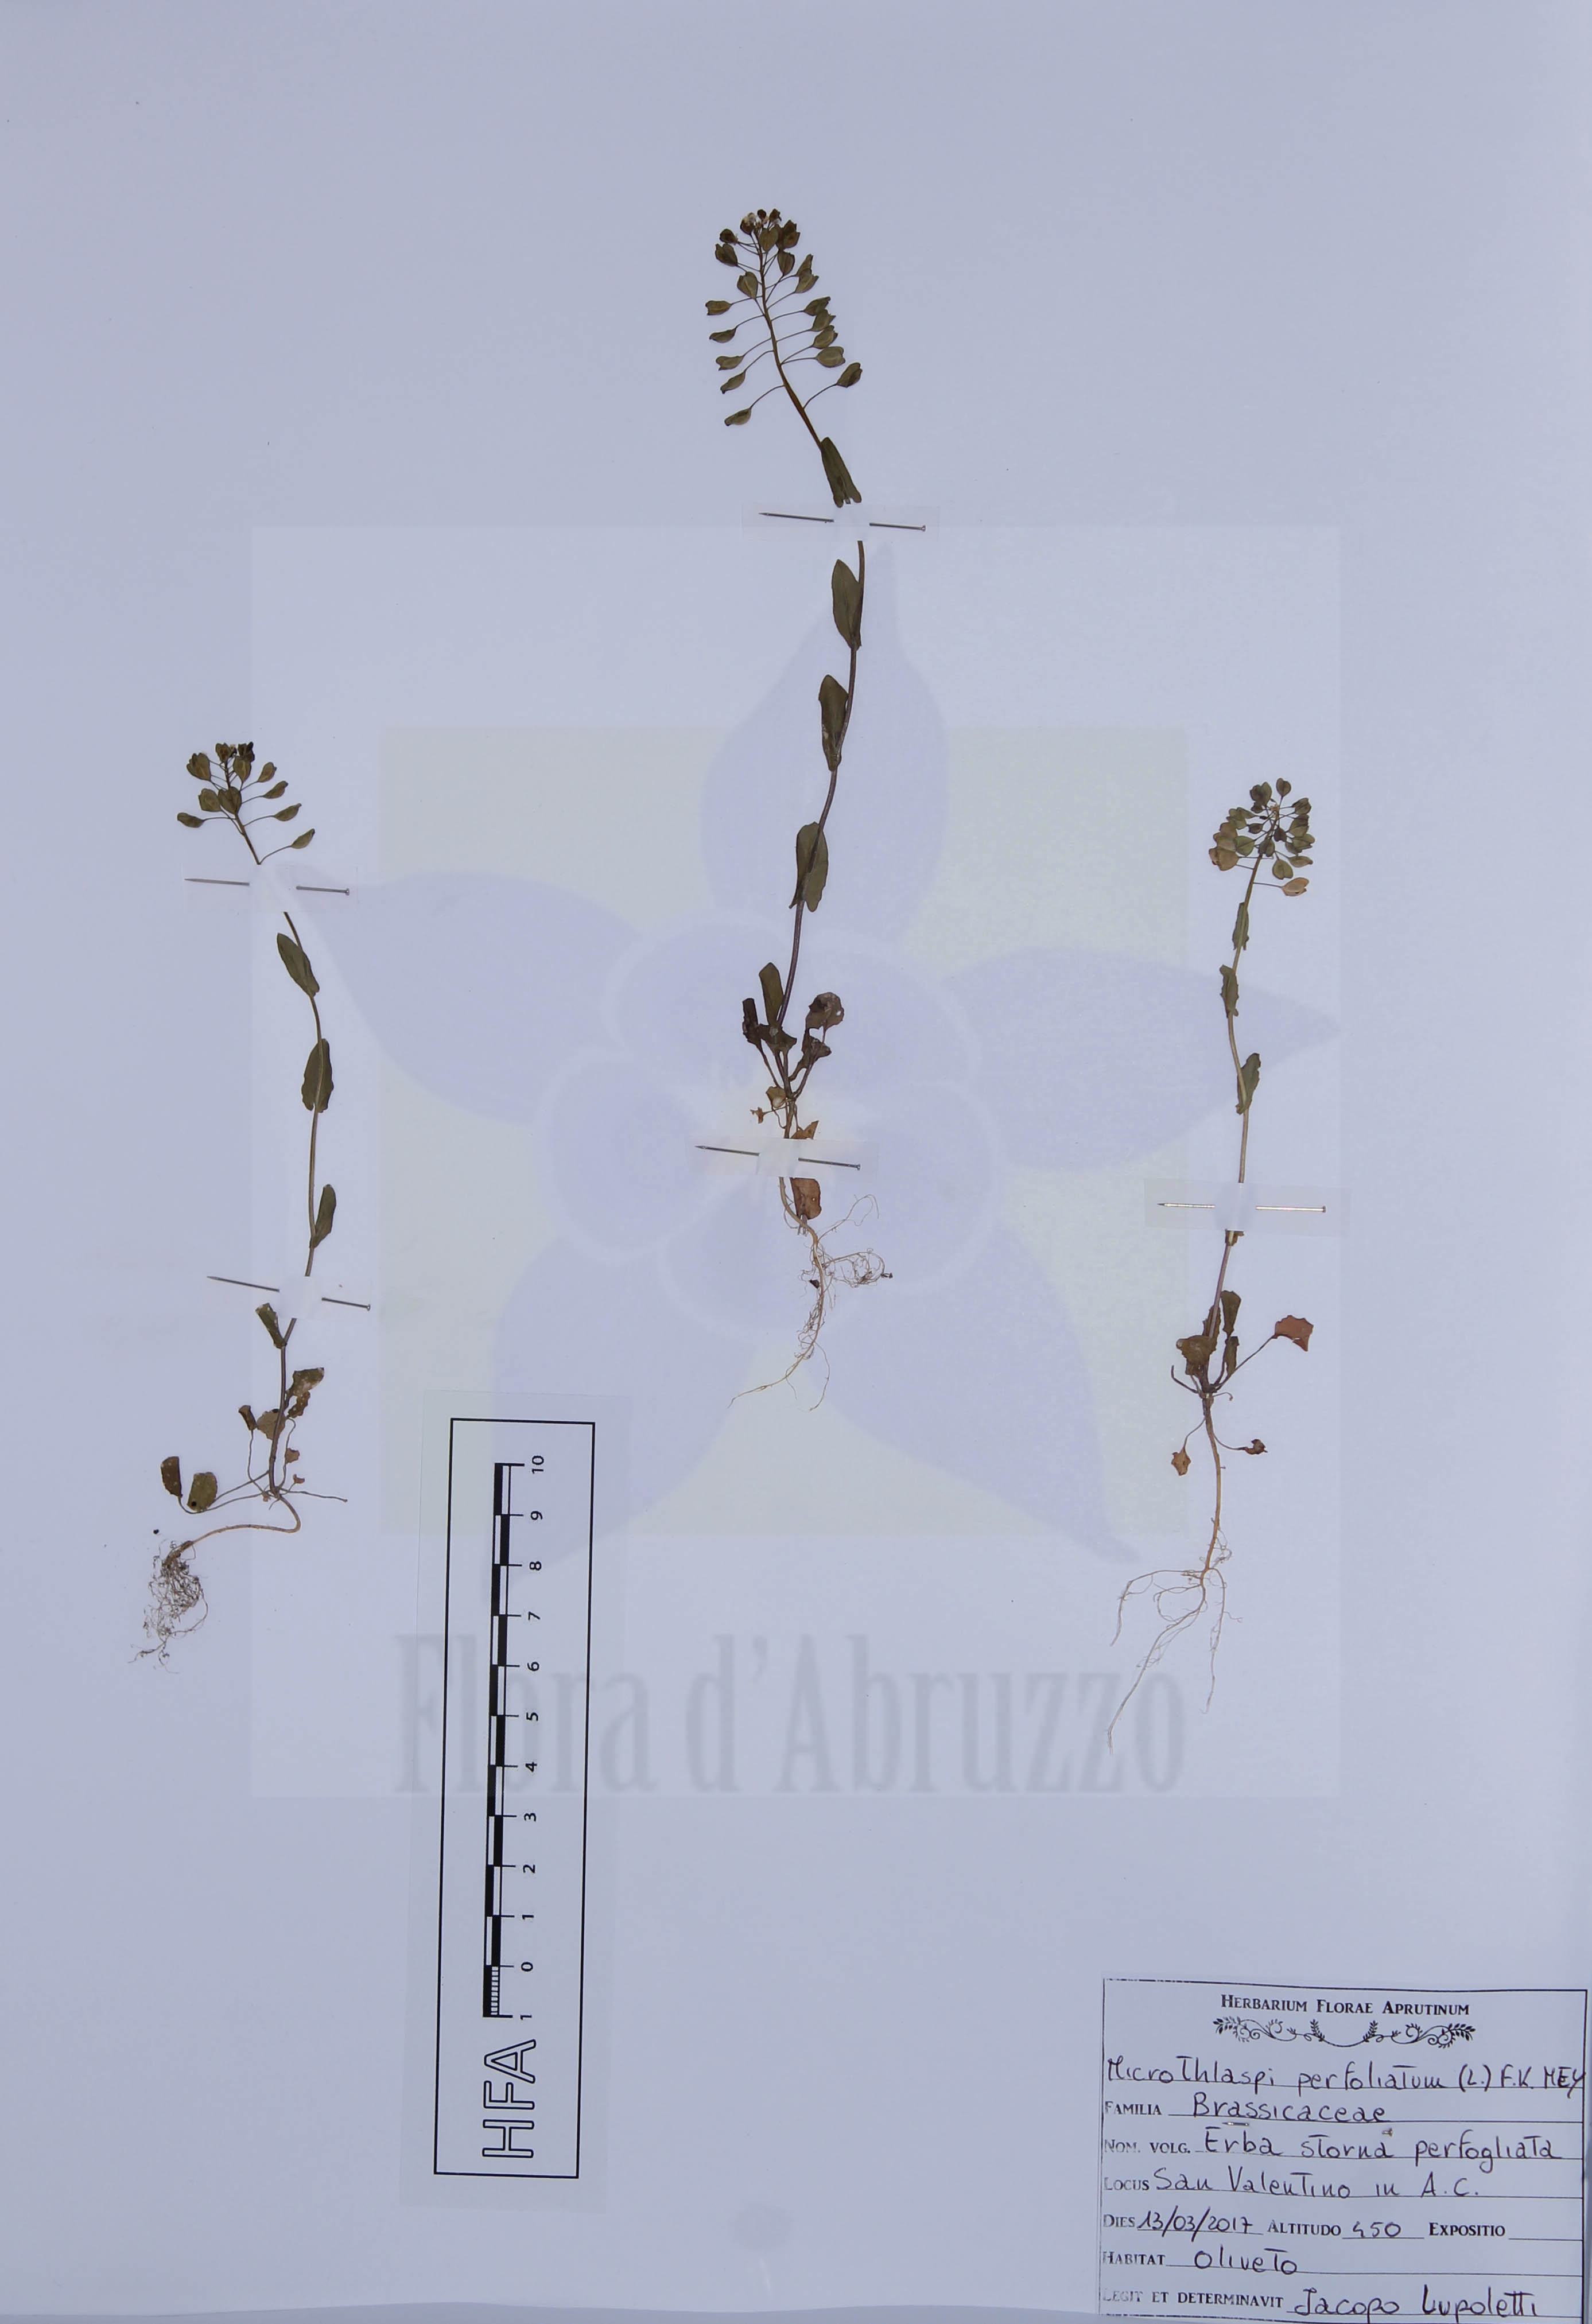 Microthlaspi perfoliatum(L.) F.K. Mey.